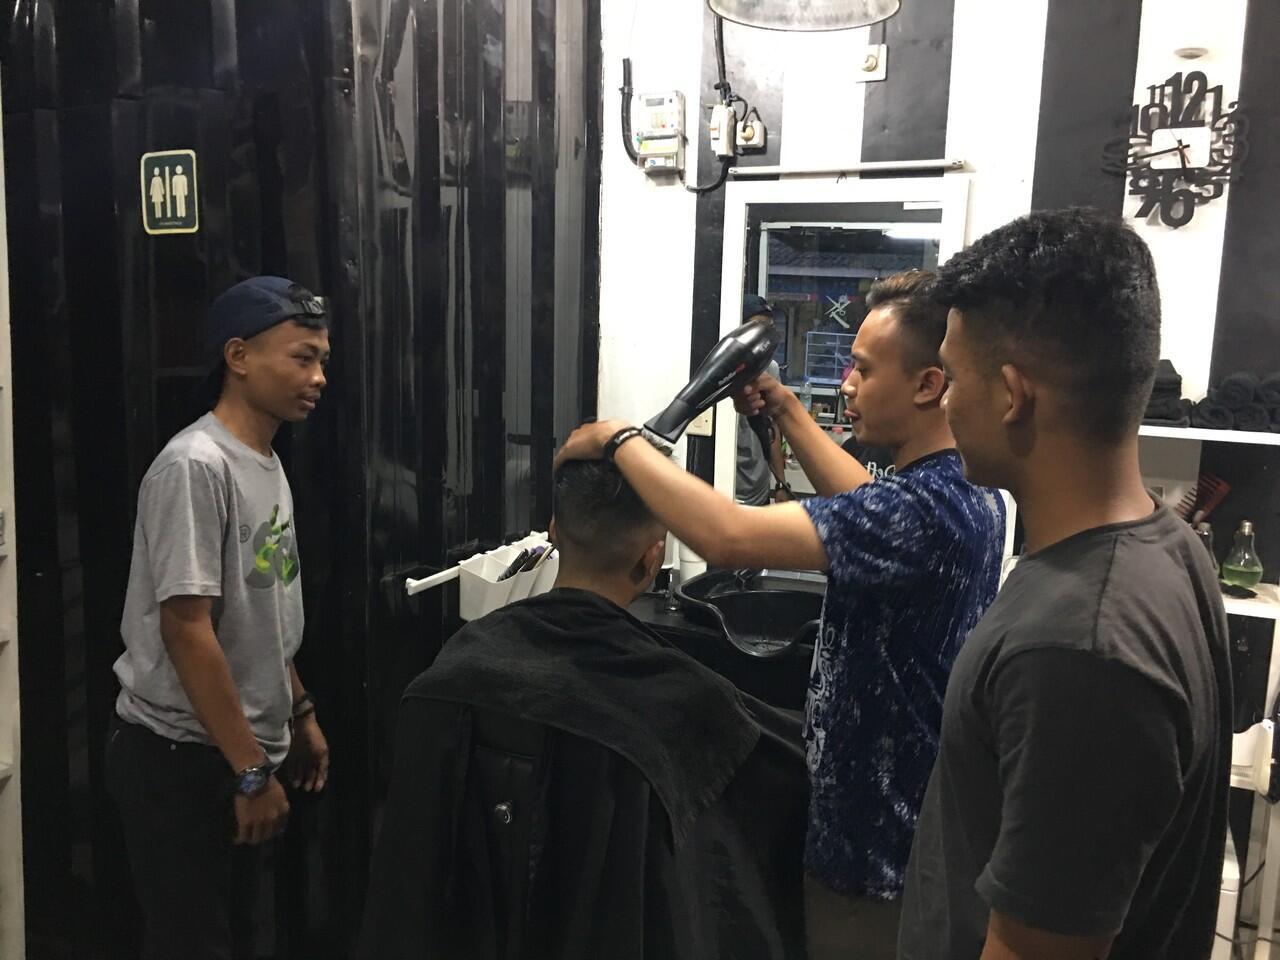 kursus barbershop / barberman / kapster / tukang cukur deft barber gratis